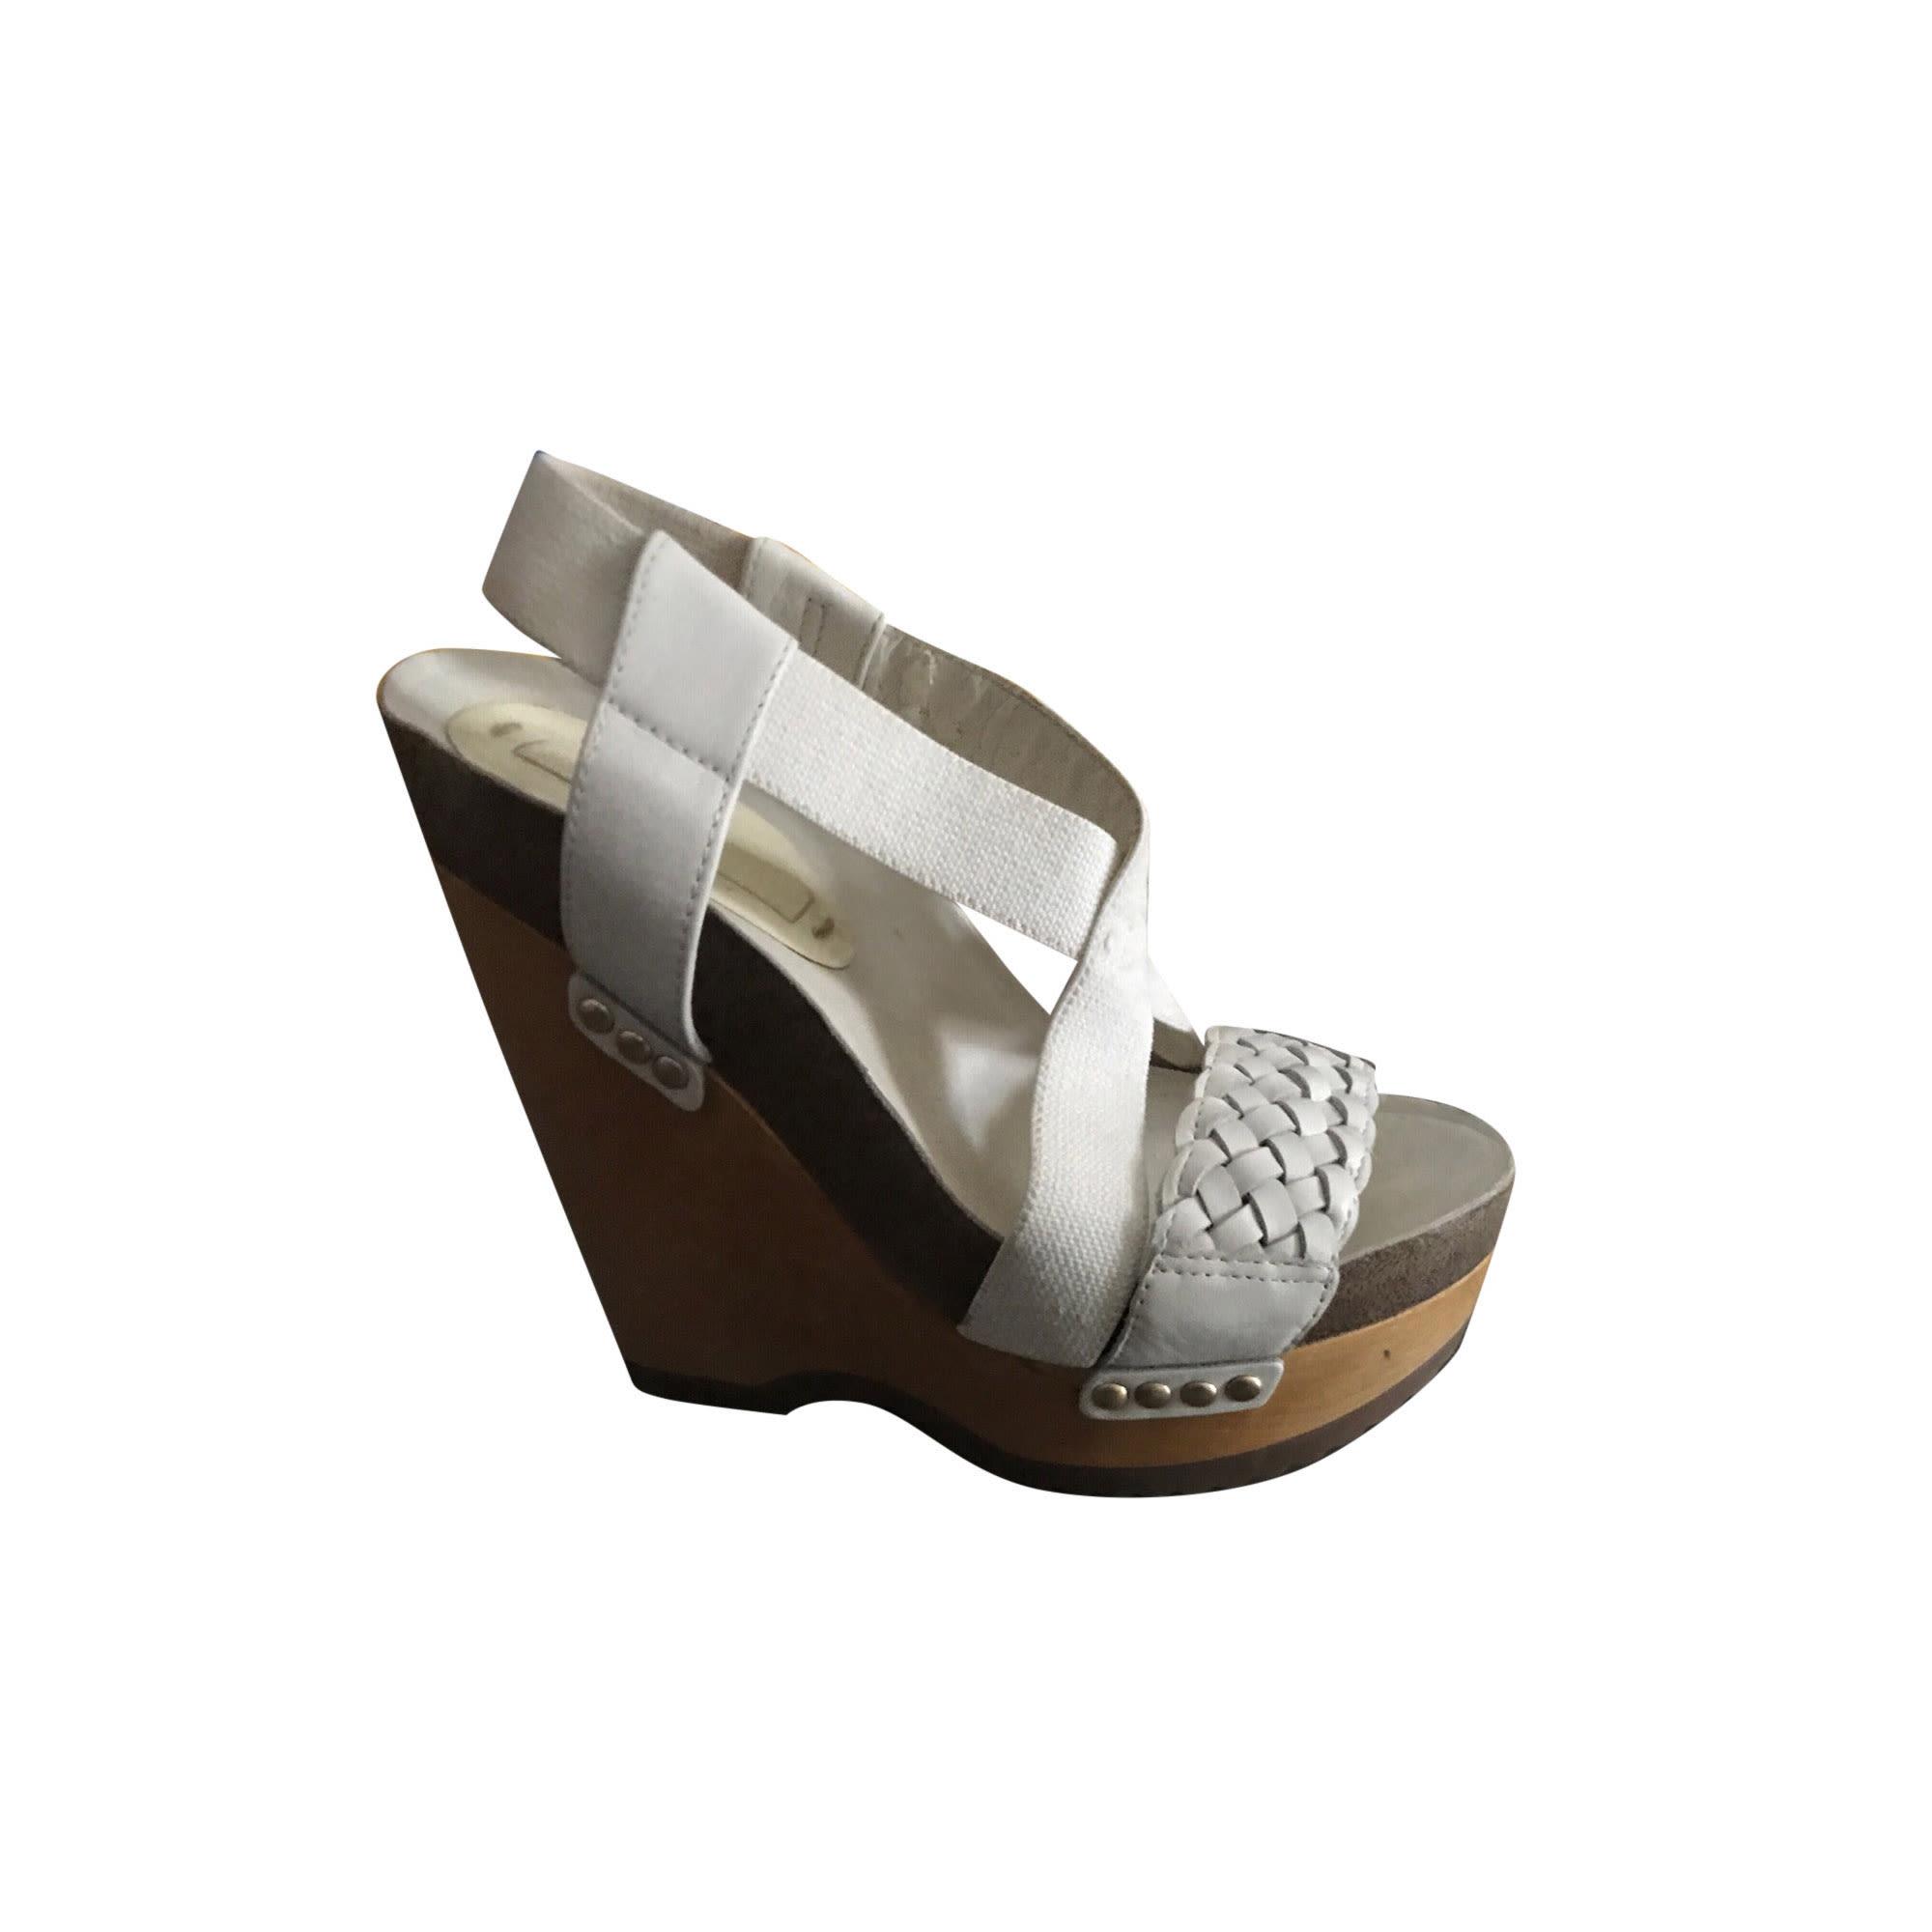 Sandales compensées BCBG MAX AZRIA Blanc, blanc cassé, écru